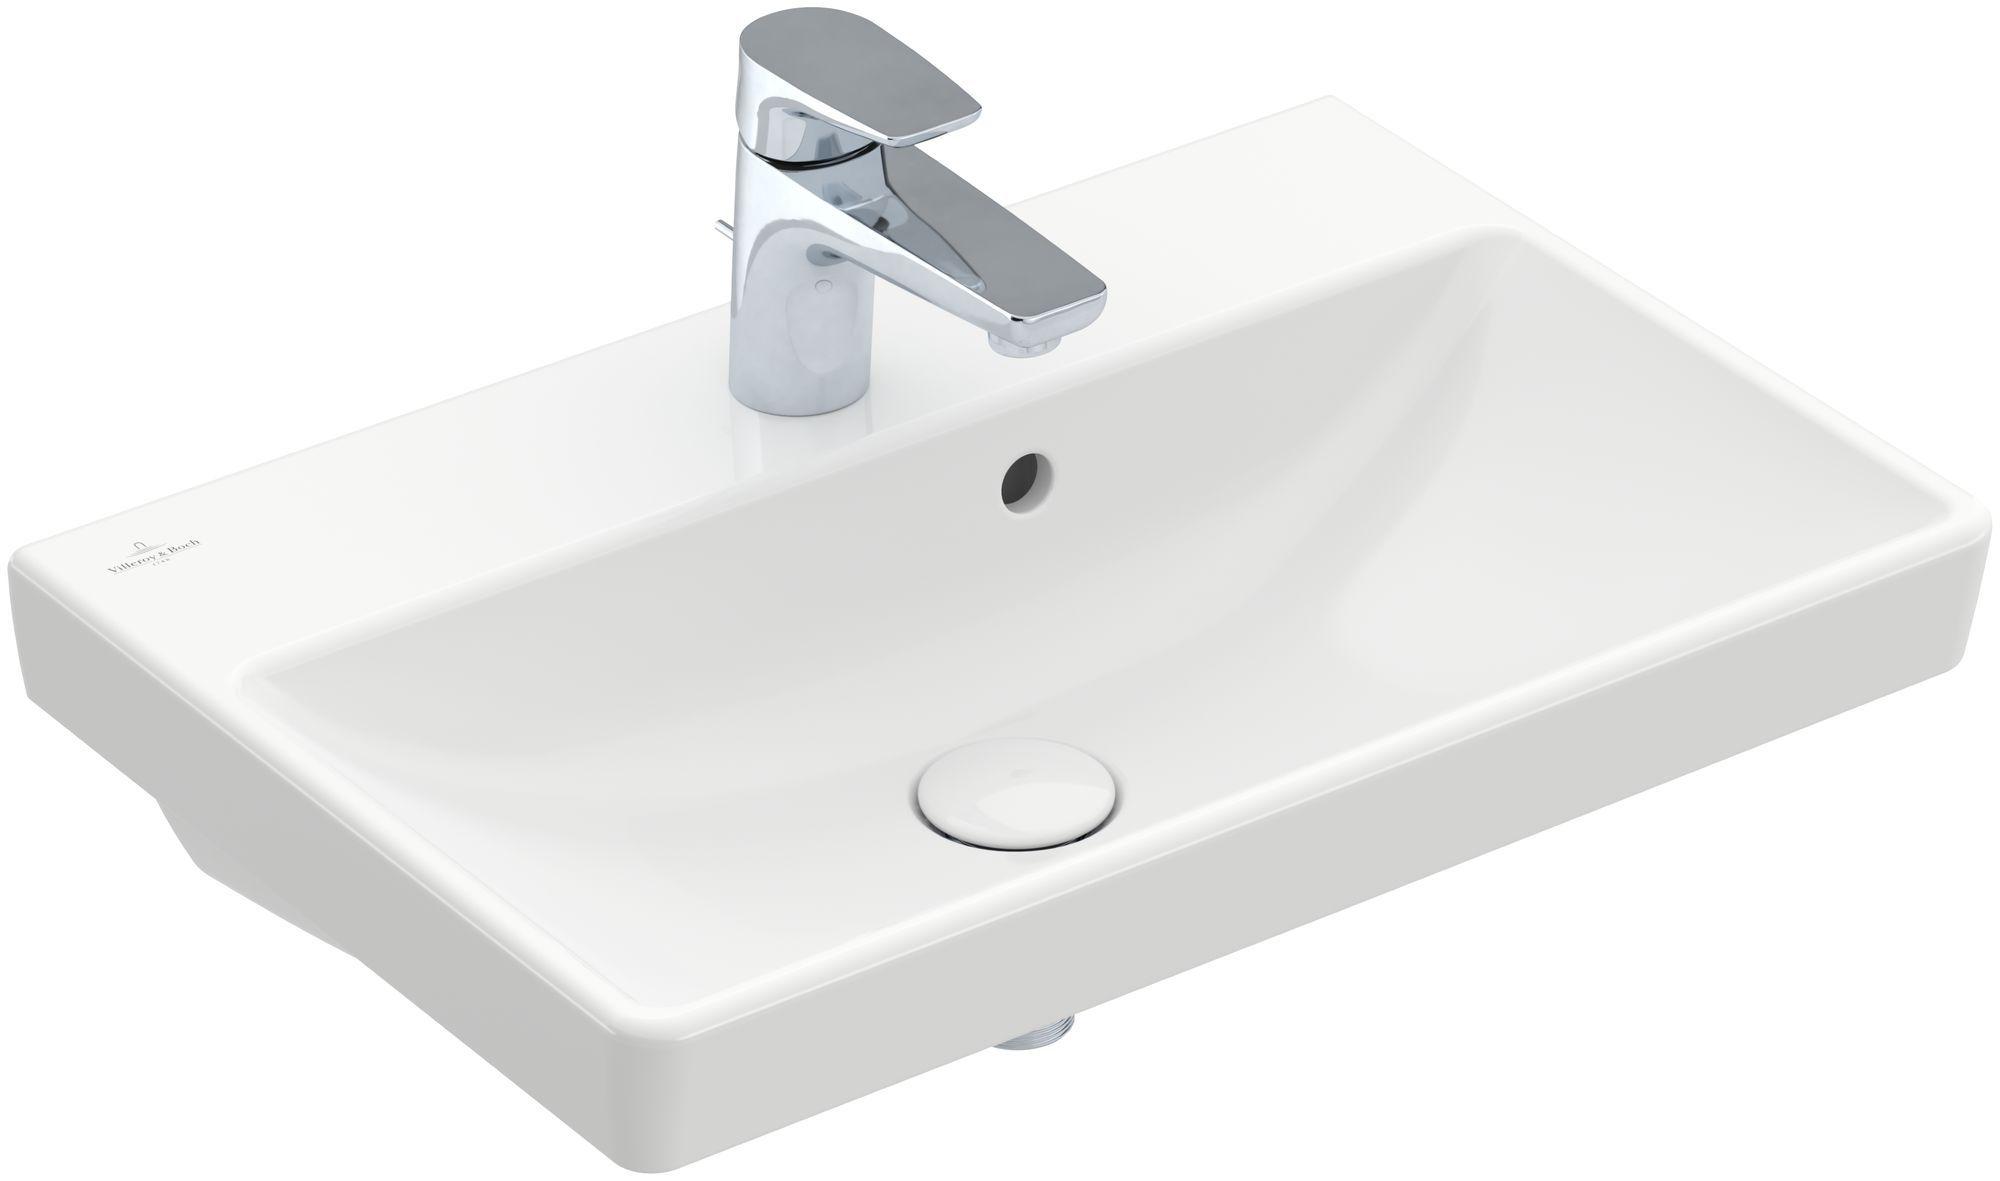 Villeroy & Boch Avento Waschtisch B:55xT:37cm 1 Hahnloch mit Überlauf weiß mit CeramicPlus 4A0055R1